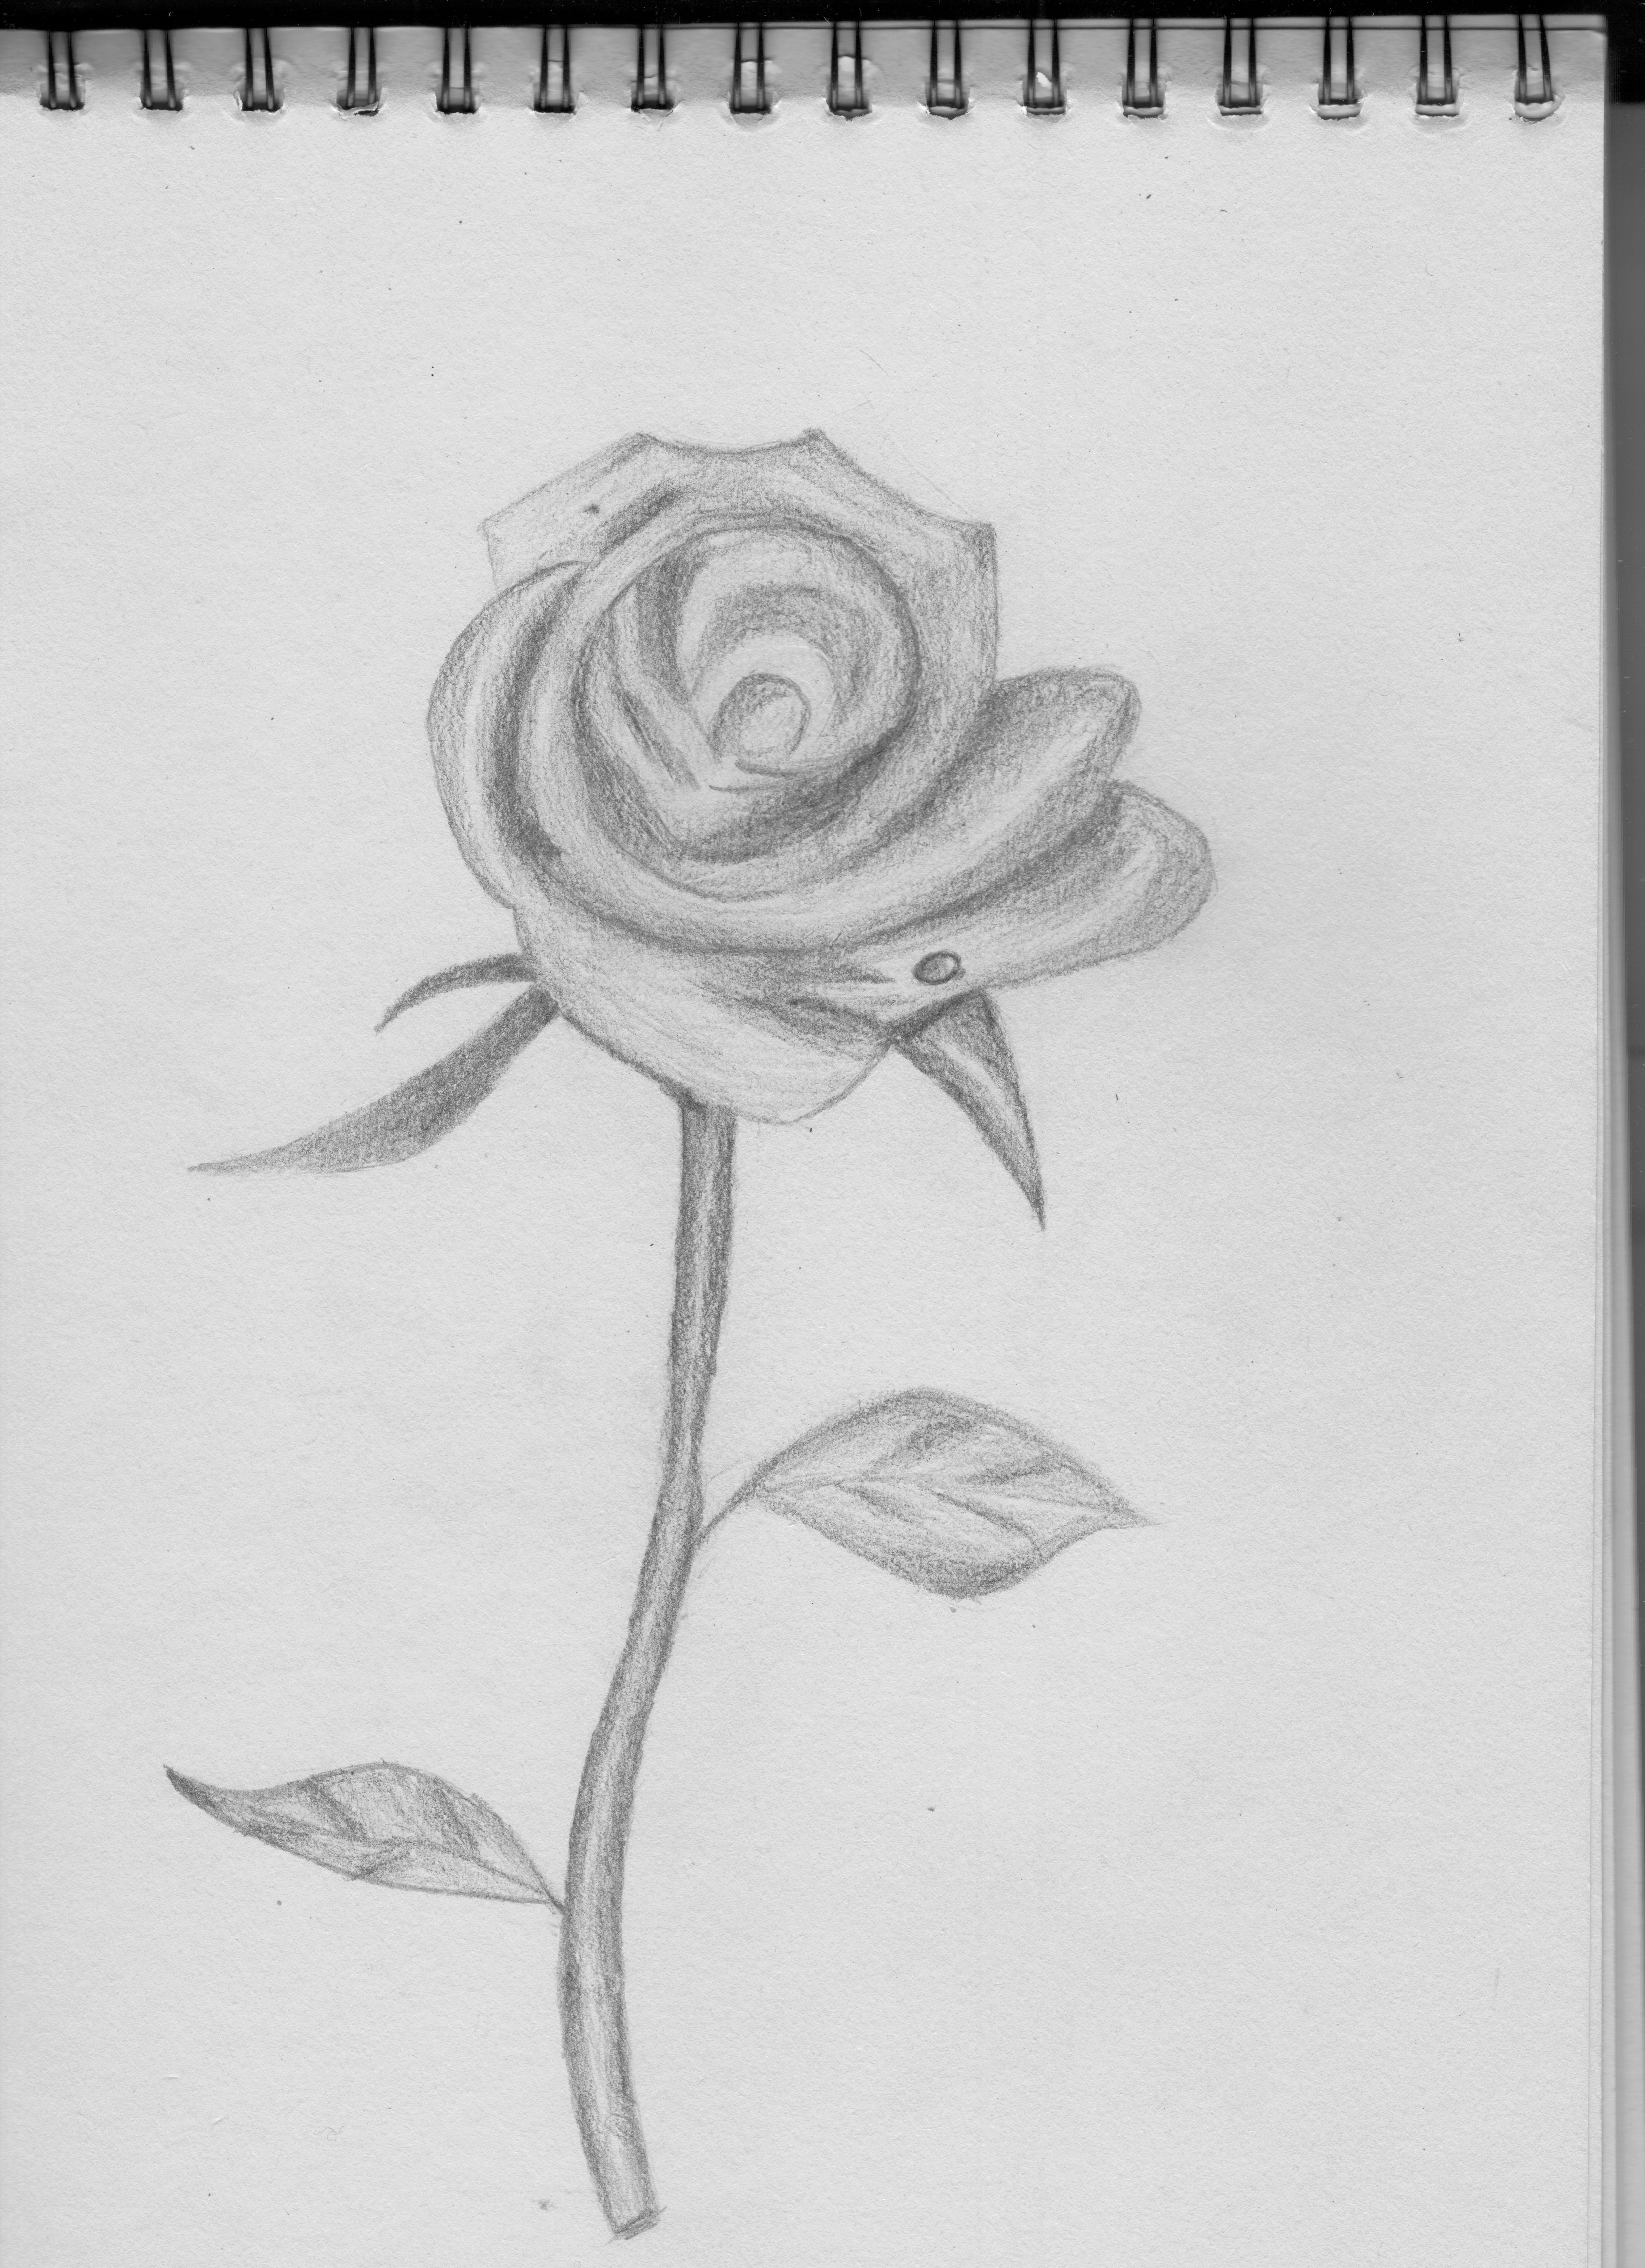 玫瑰 插画 插画习作 刘馨懿 - 原创作品 - 站酷